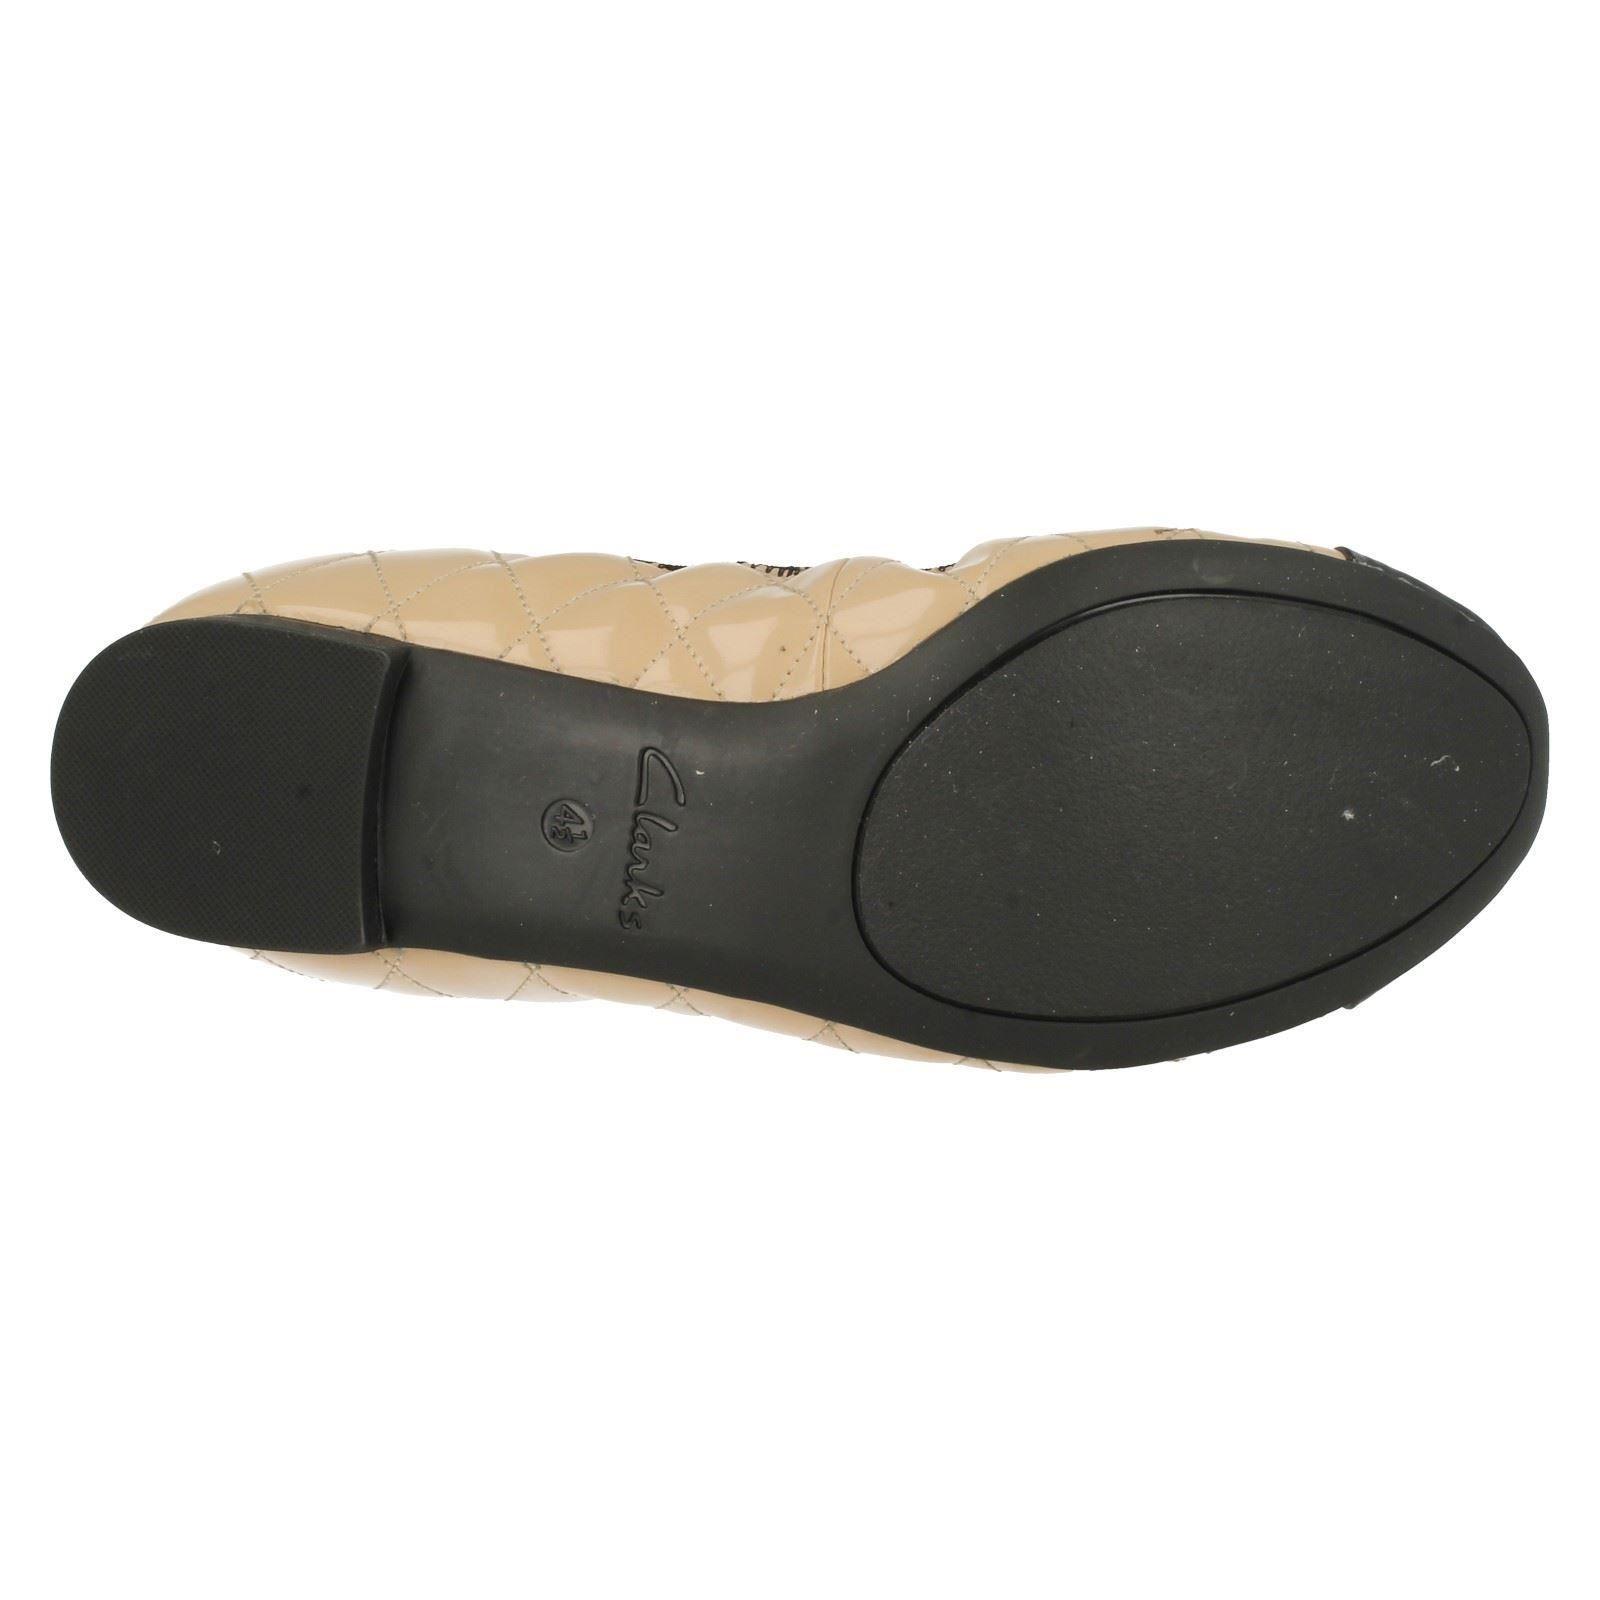 Damas Clarks elastacated Plana Bailarina Zapatos De Salón Etiqueta-Carrusel Curl